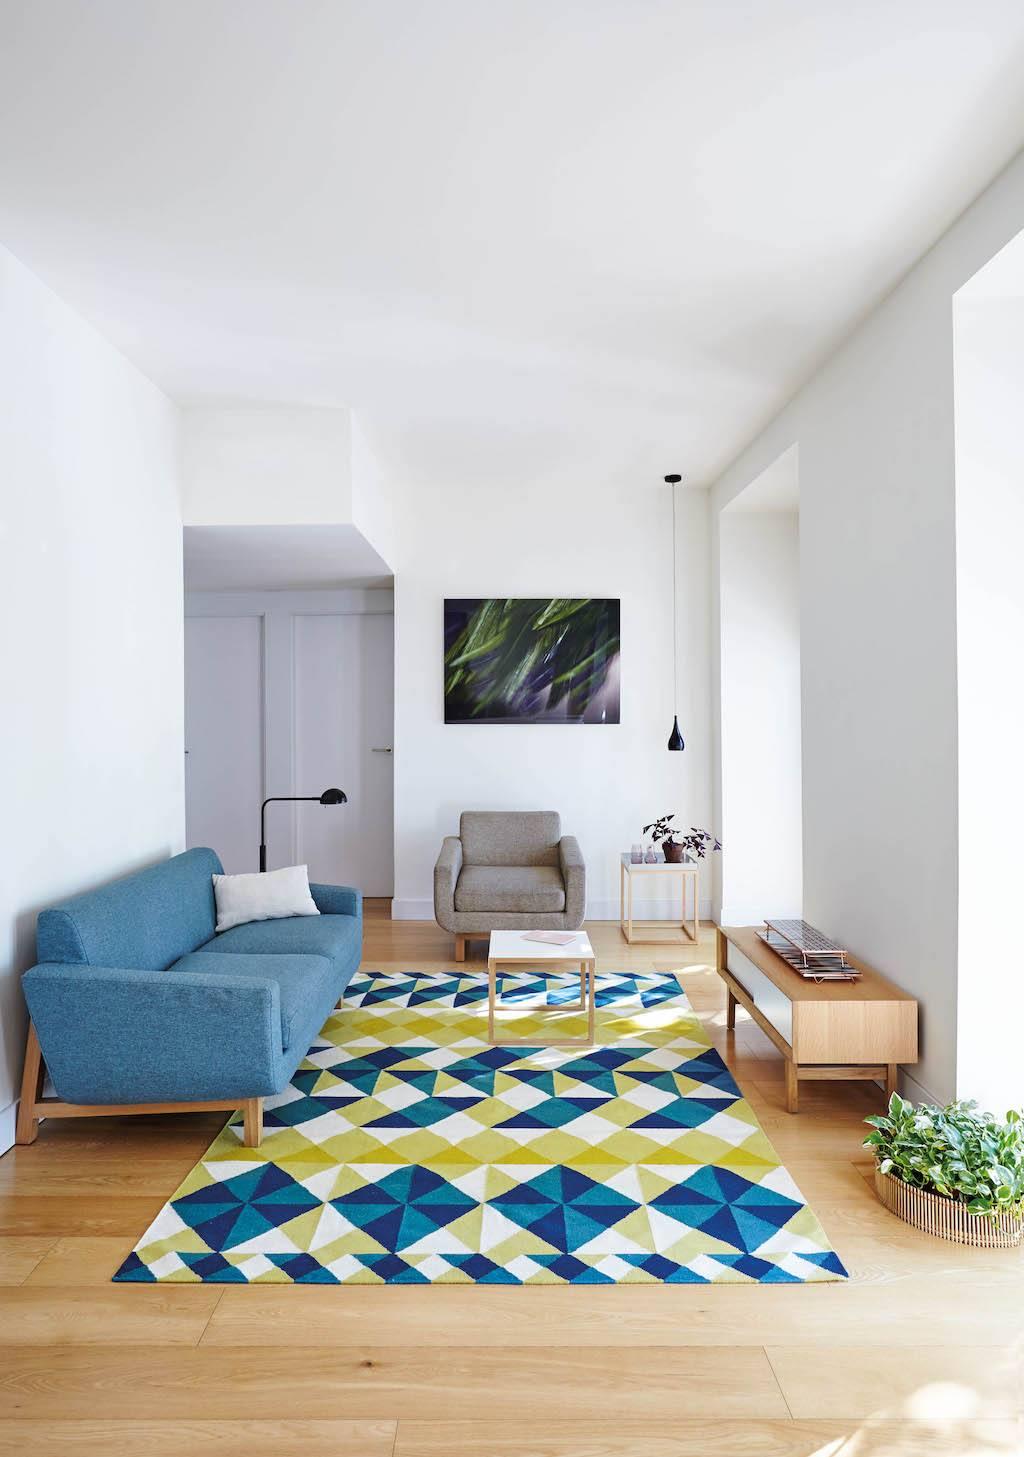 Geliebter Teppich